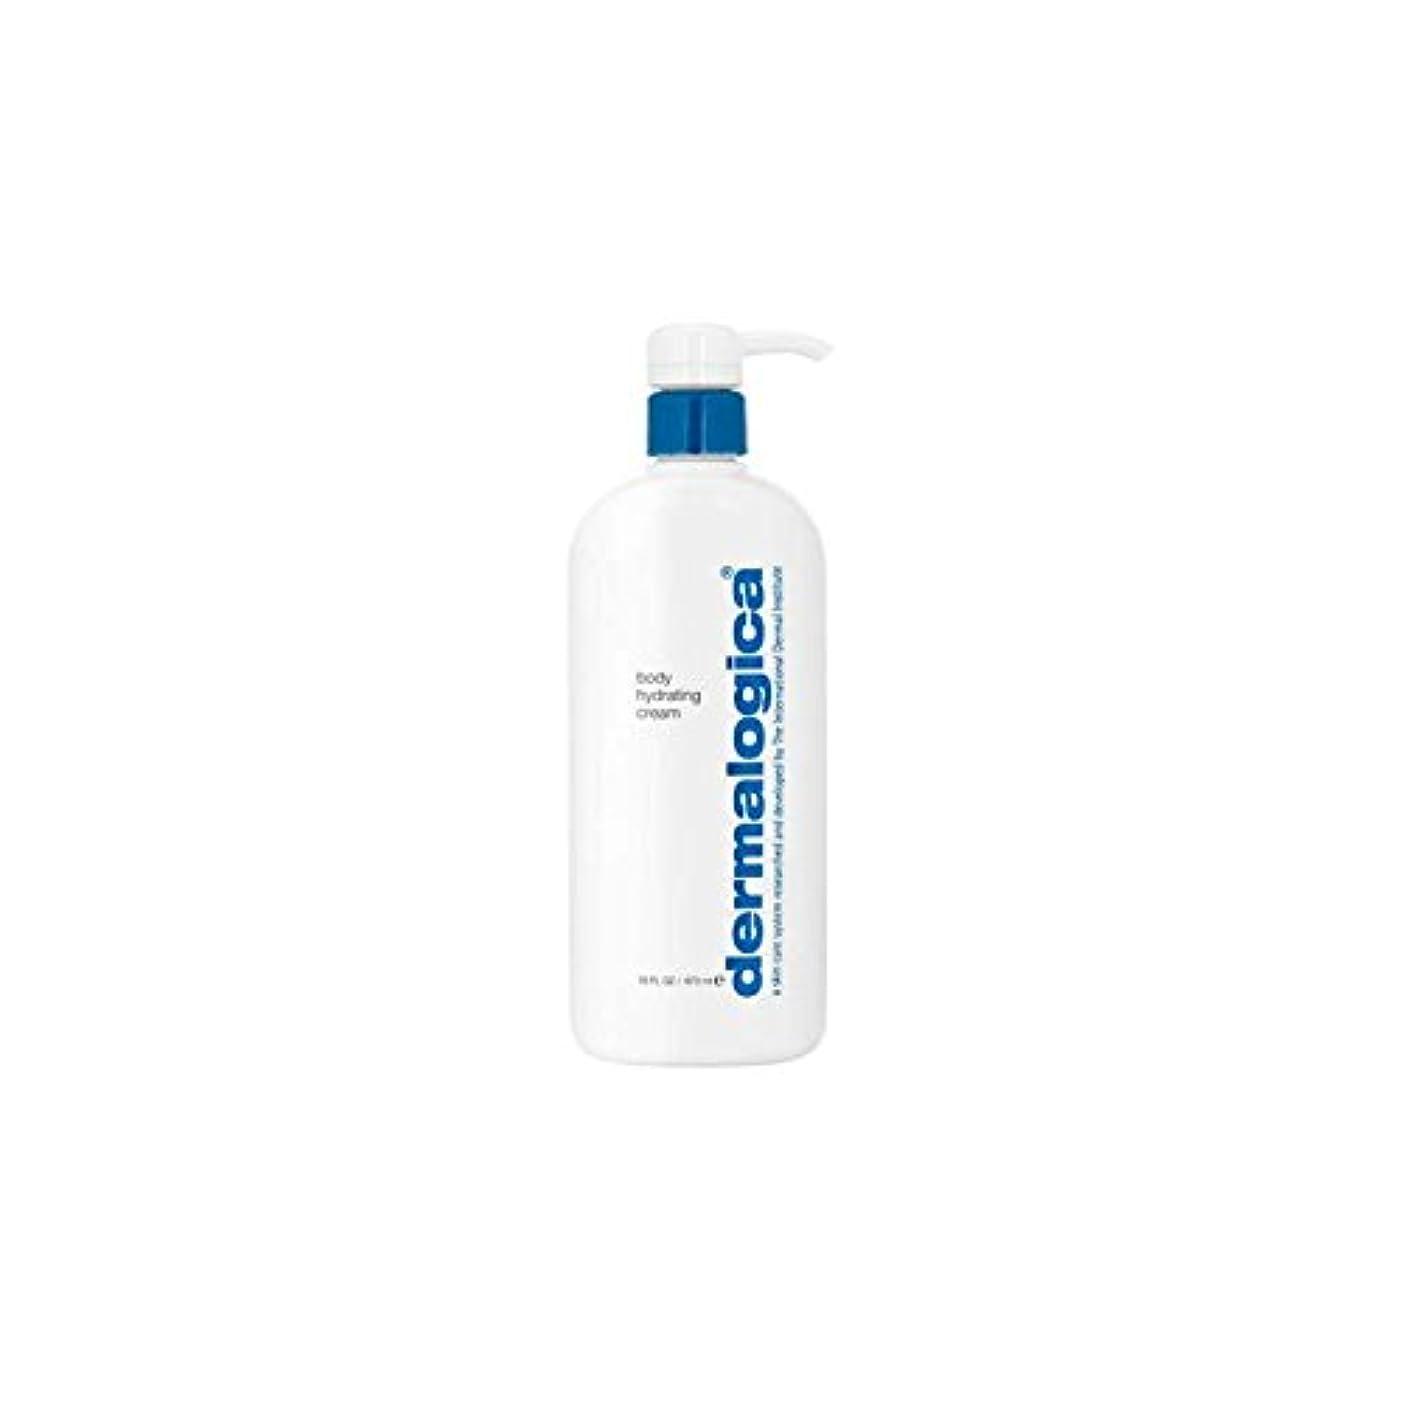 表現有害なマンモス[Dermalogica ] ダーマロジカボディハイドレイティングクリーム(473ミリリットル) - Dermalogica Body Hydrating Cream (473ml) [並行輸入品]